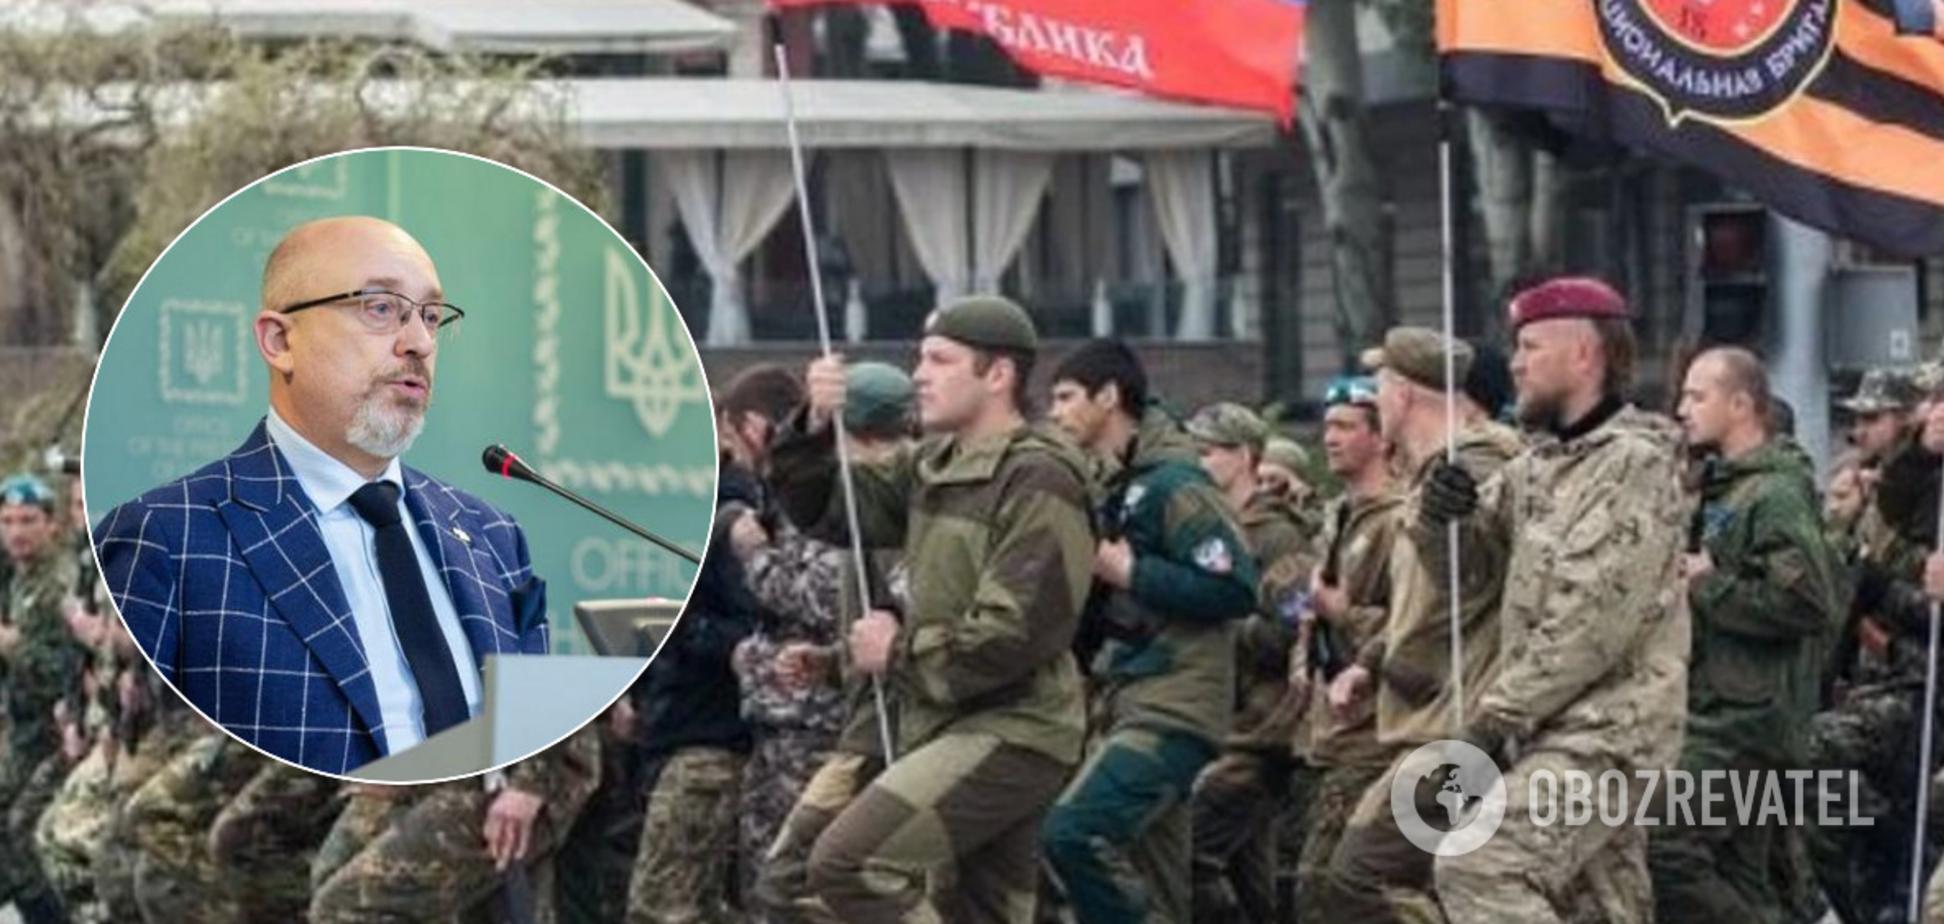 Украина созвала заседание ТКГ с Россией из-за обвинений 'Л/ДНР': Резников пояснил причину